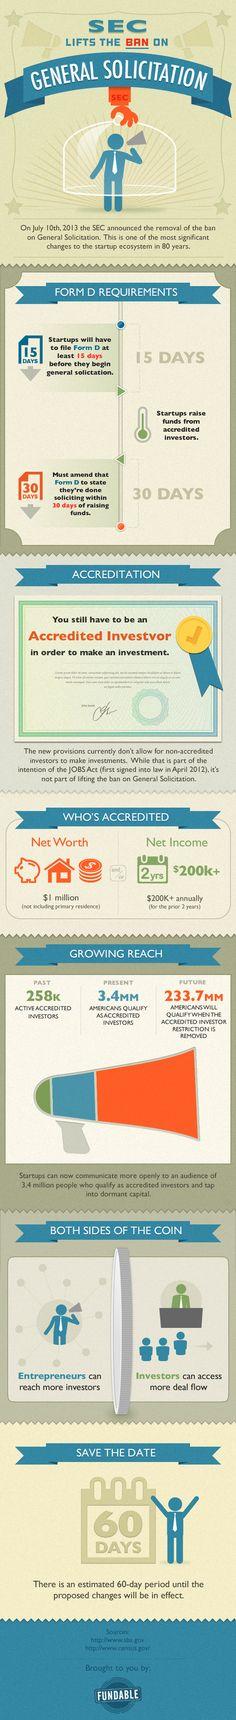 Crowdfunding infographic Explains SEC's Big News